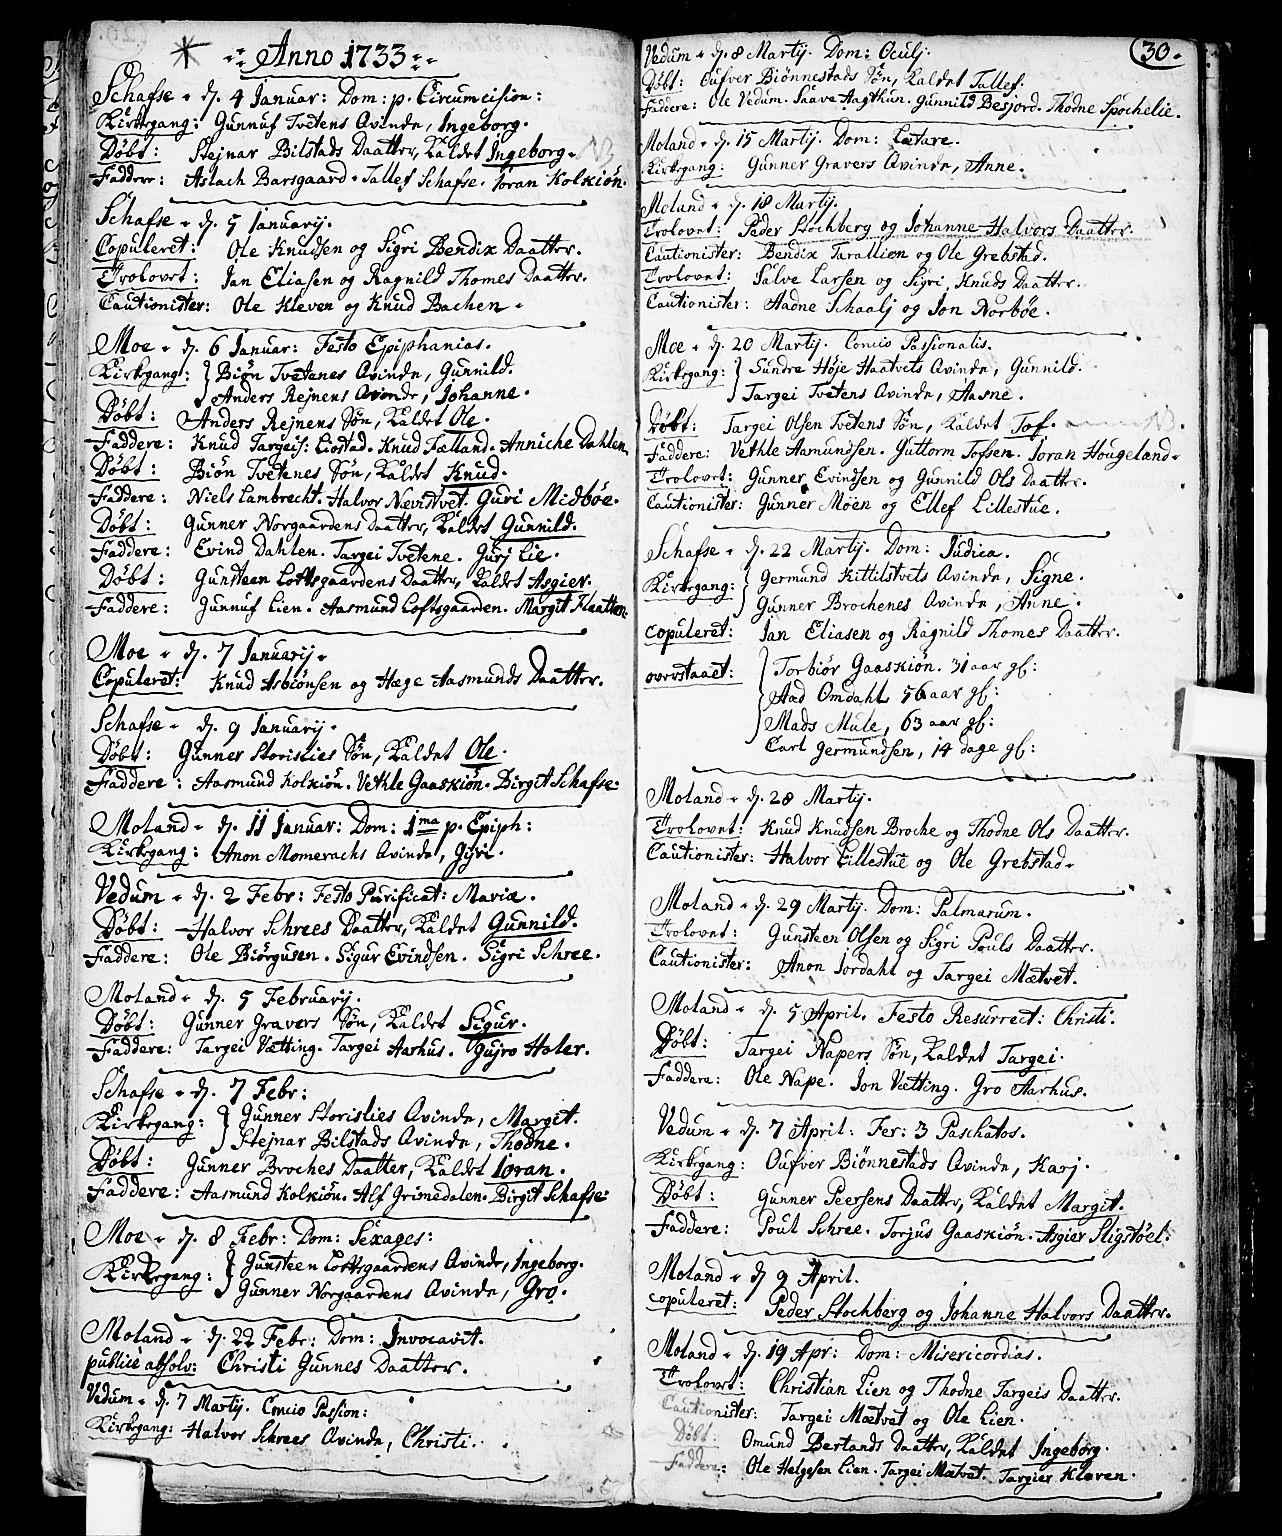 SAKO, Fyresdal kirkebøker, F/Fa/L0001: Ministerialbok nr. I 1, 1724-1748, s. 30